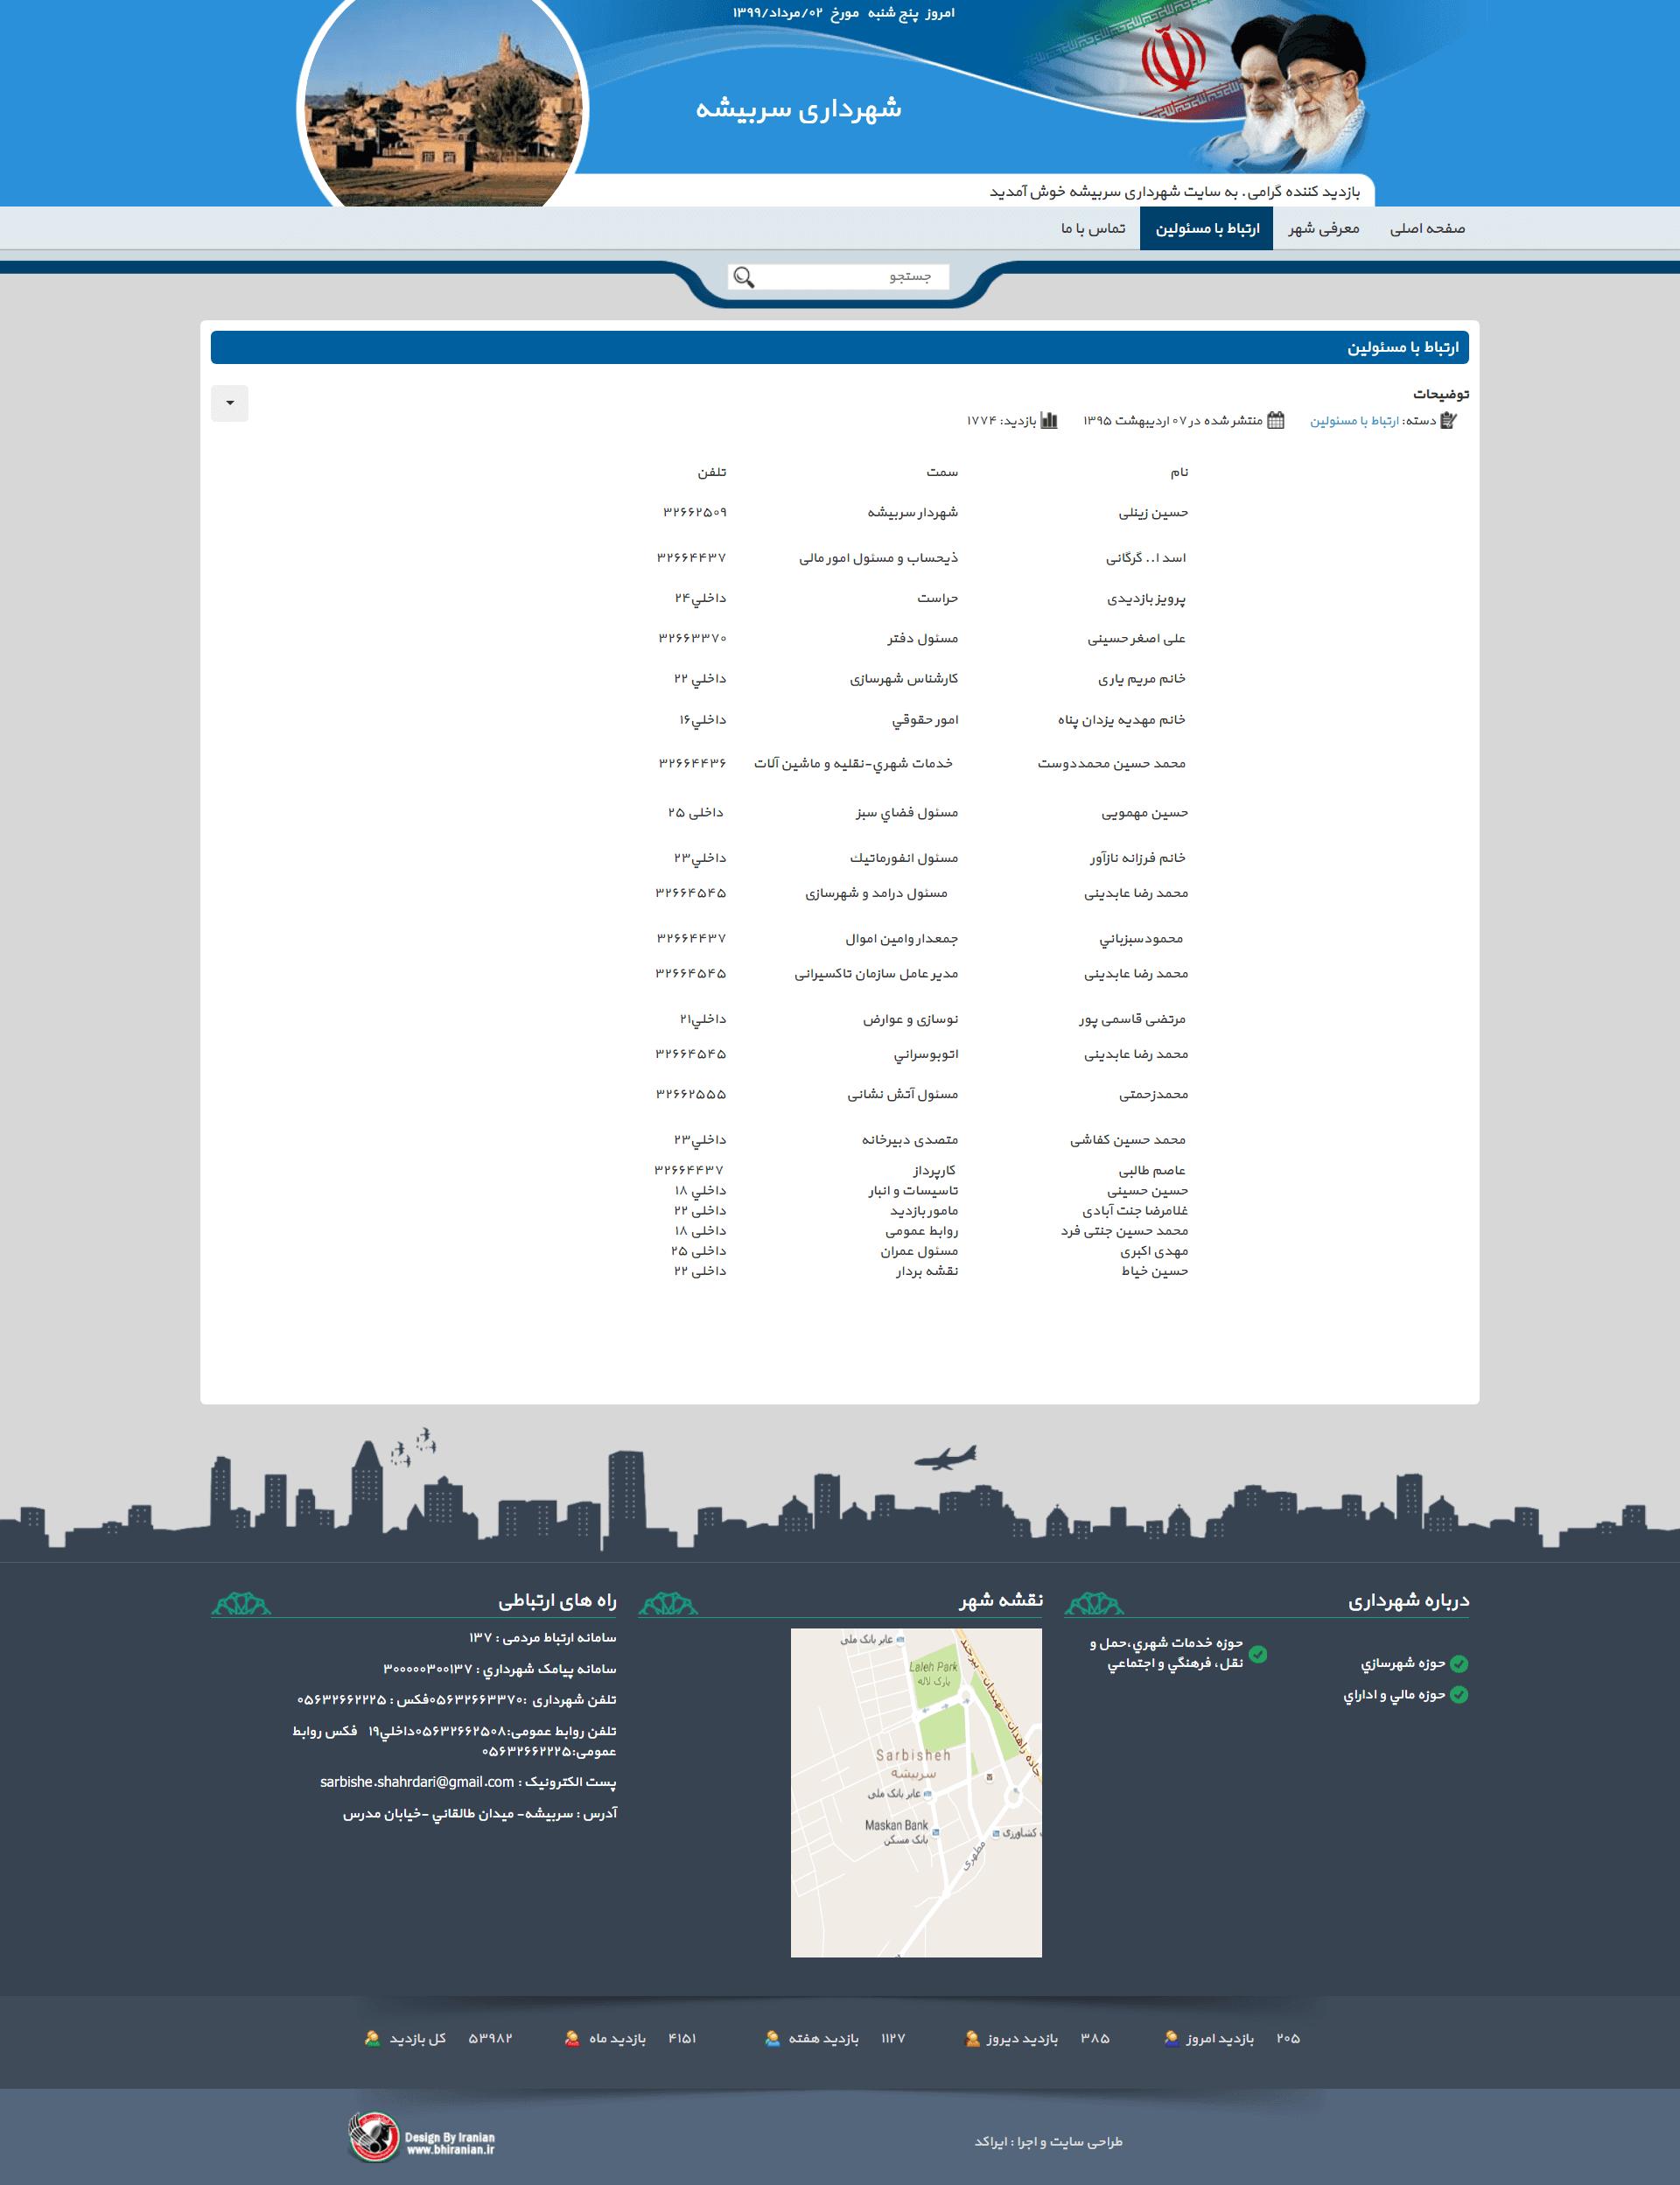 صفحه ارتباط با مسئولین سایت شهرداری سربیشه